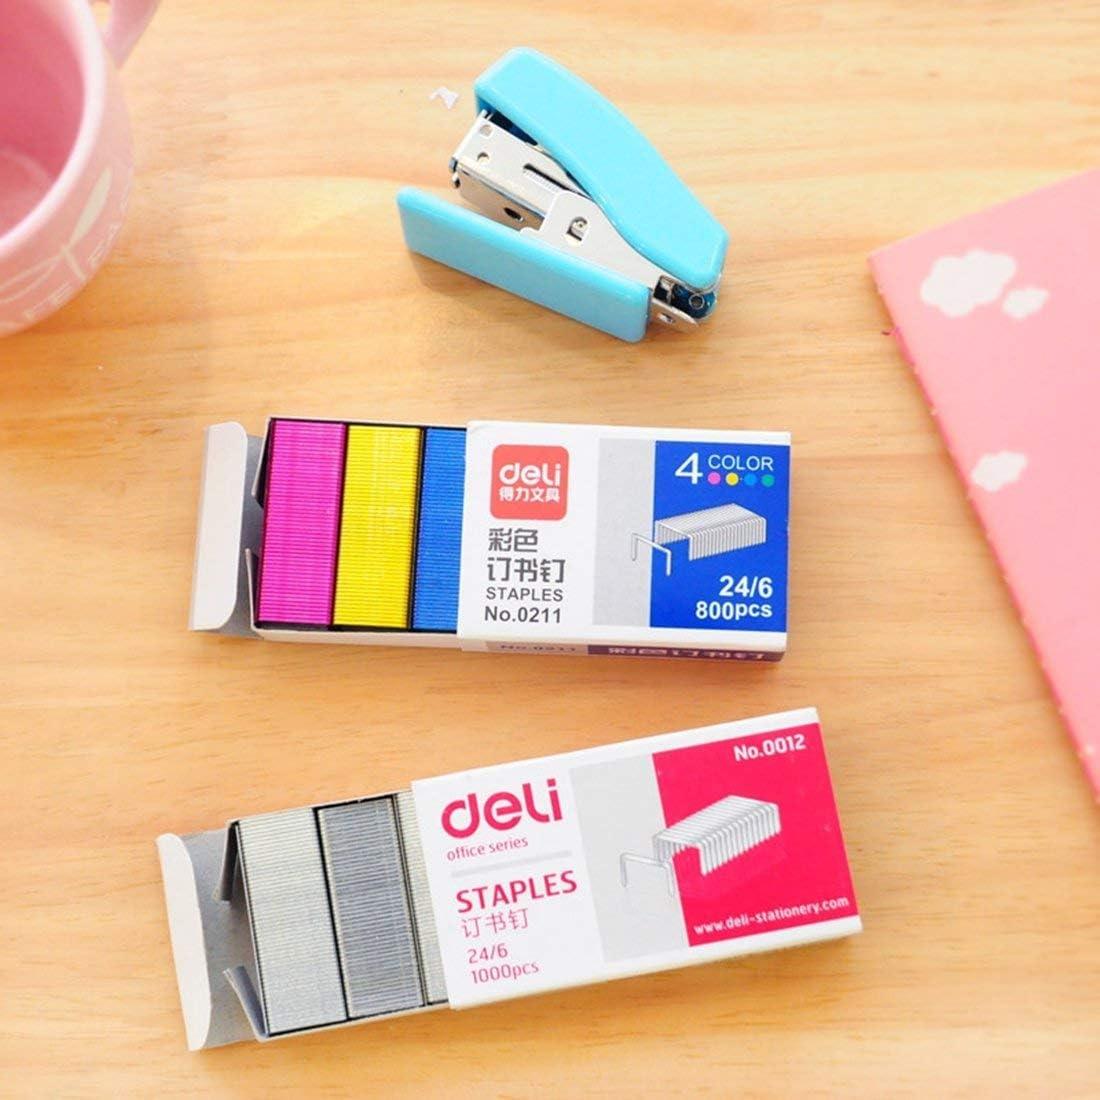 4 colori per luso in Max HD-10DF cucitrice 800pcs Mini colori Staples 3//8 Corona x 3//16 Gamba rosa, giallo, blu, verde 10